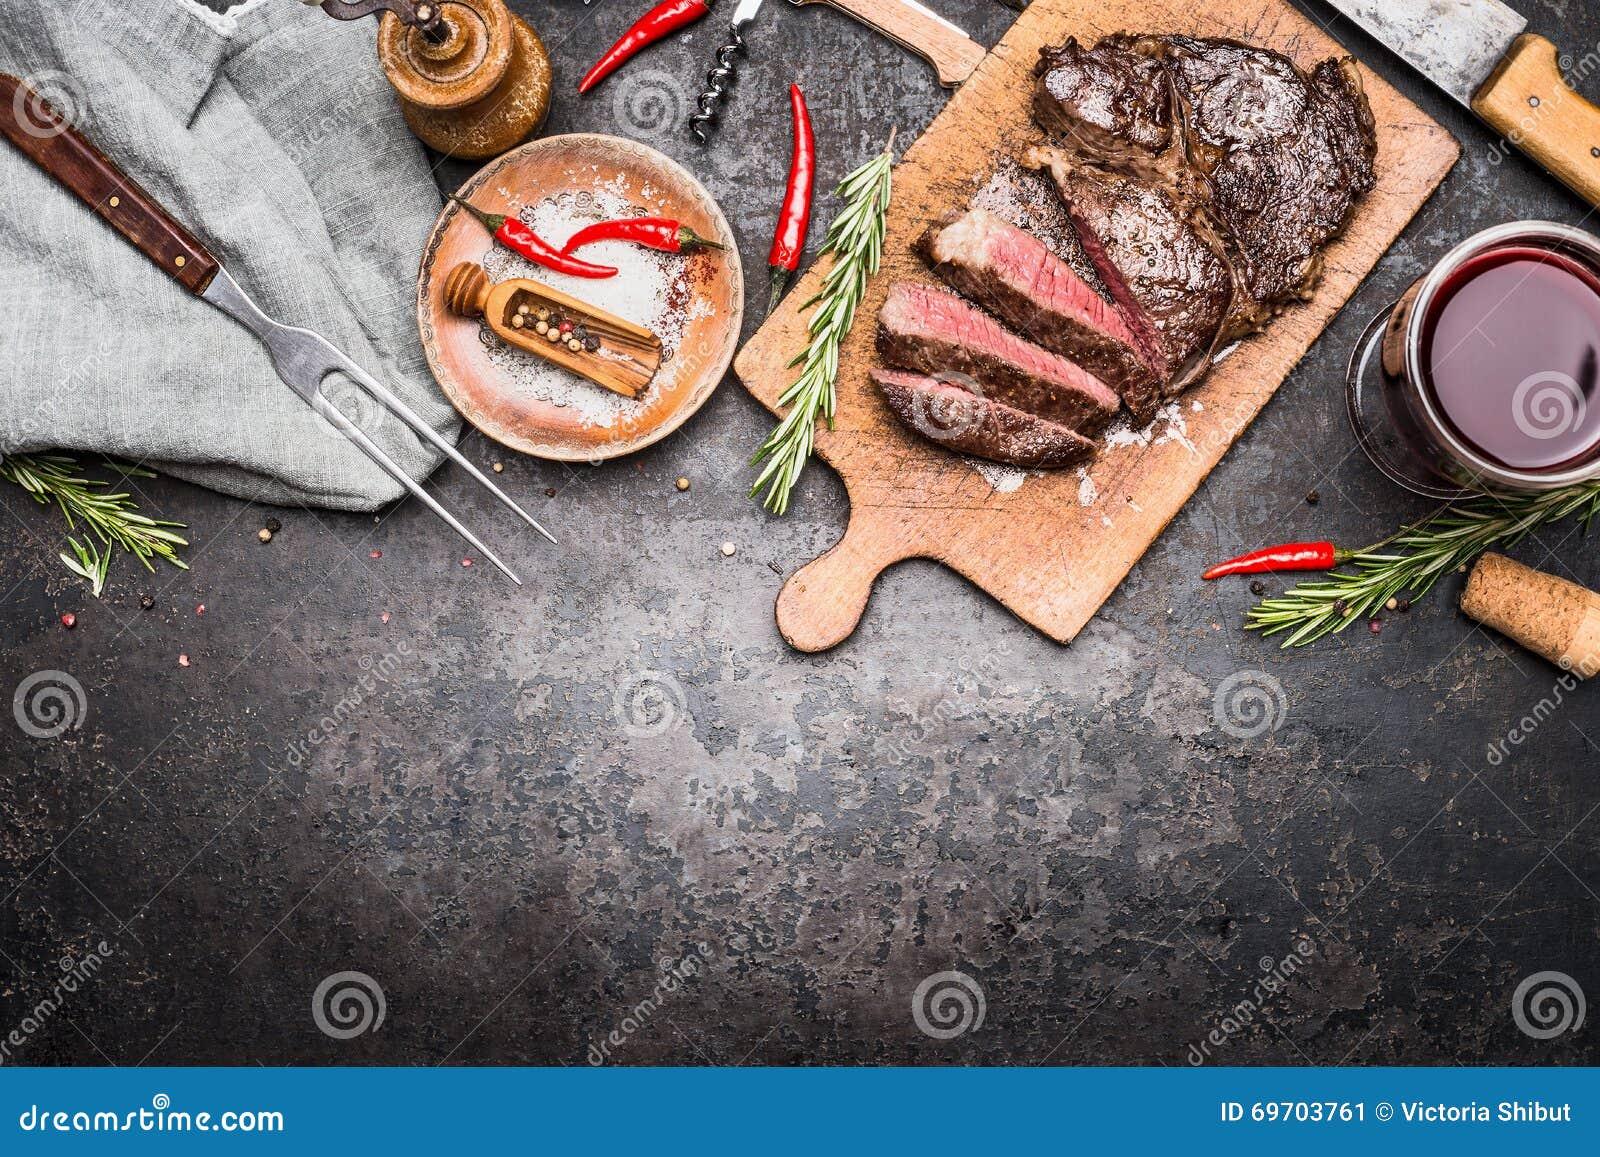 Roasted отрезало стейк гриля на деревянной разделочной доске с вилкой вина, приправы и мяса на темной винтажной предпосылке метал